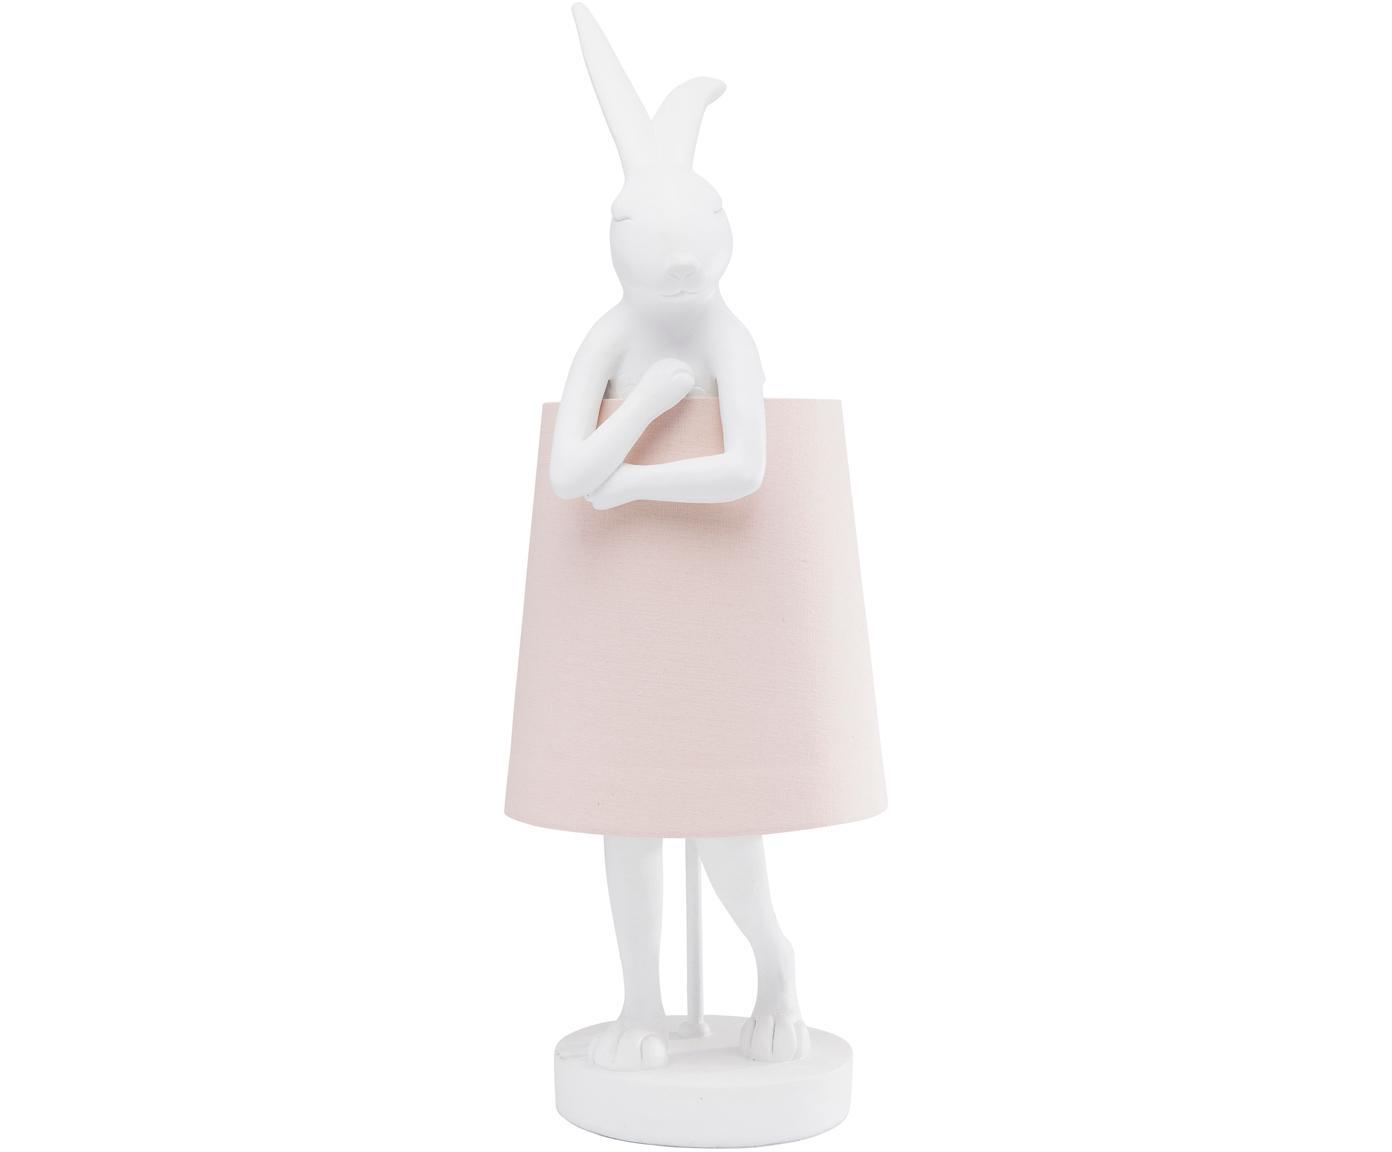 Design-Tischleuchte Rabbit, Lampenschirm: Leinen, Gestell: Polyresin, Stange: Stahl, pulverbeschichtet, Weiß, Rosa, Ø 23 x H 68 cm